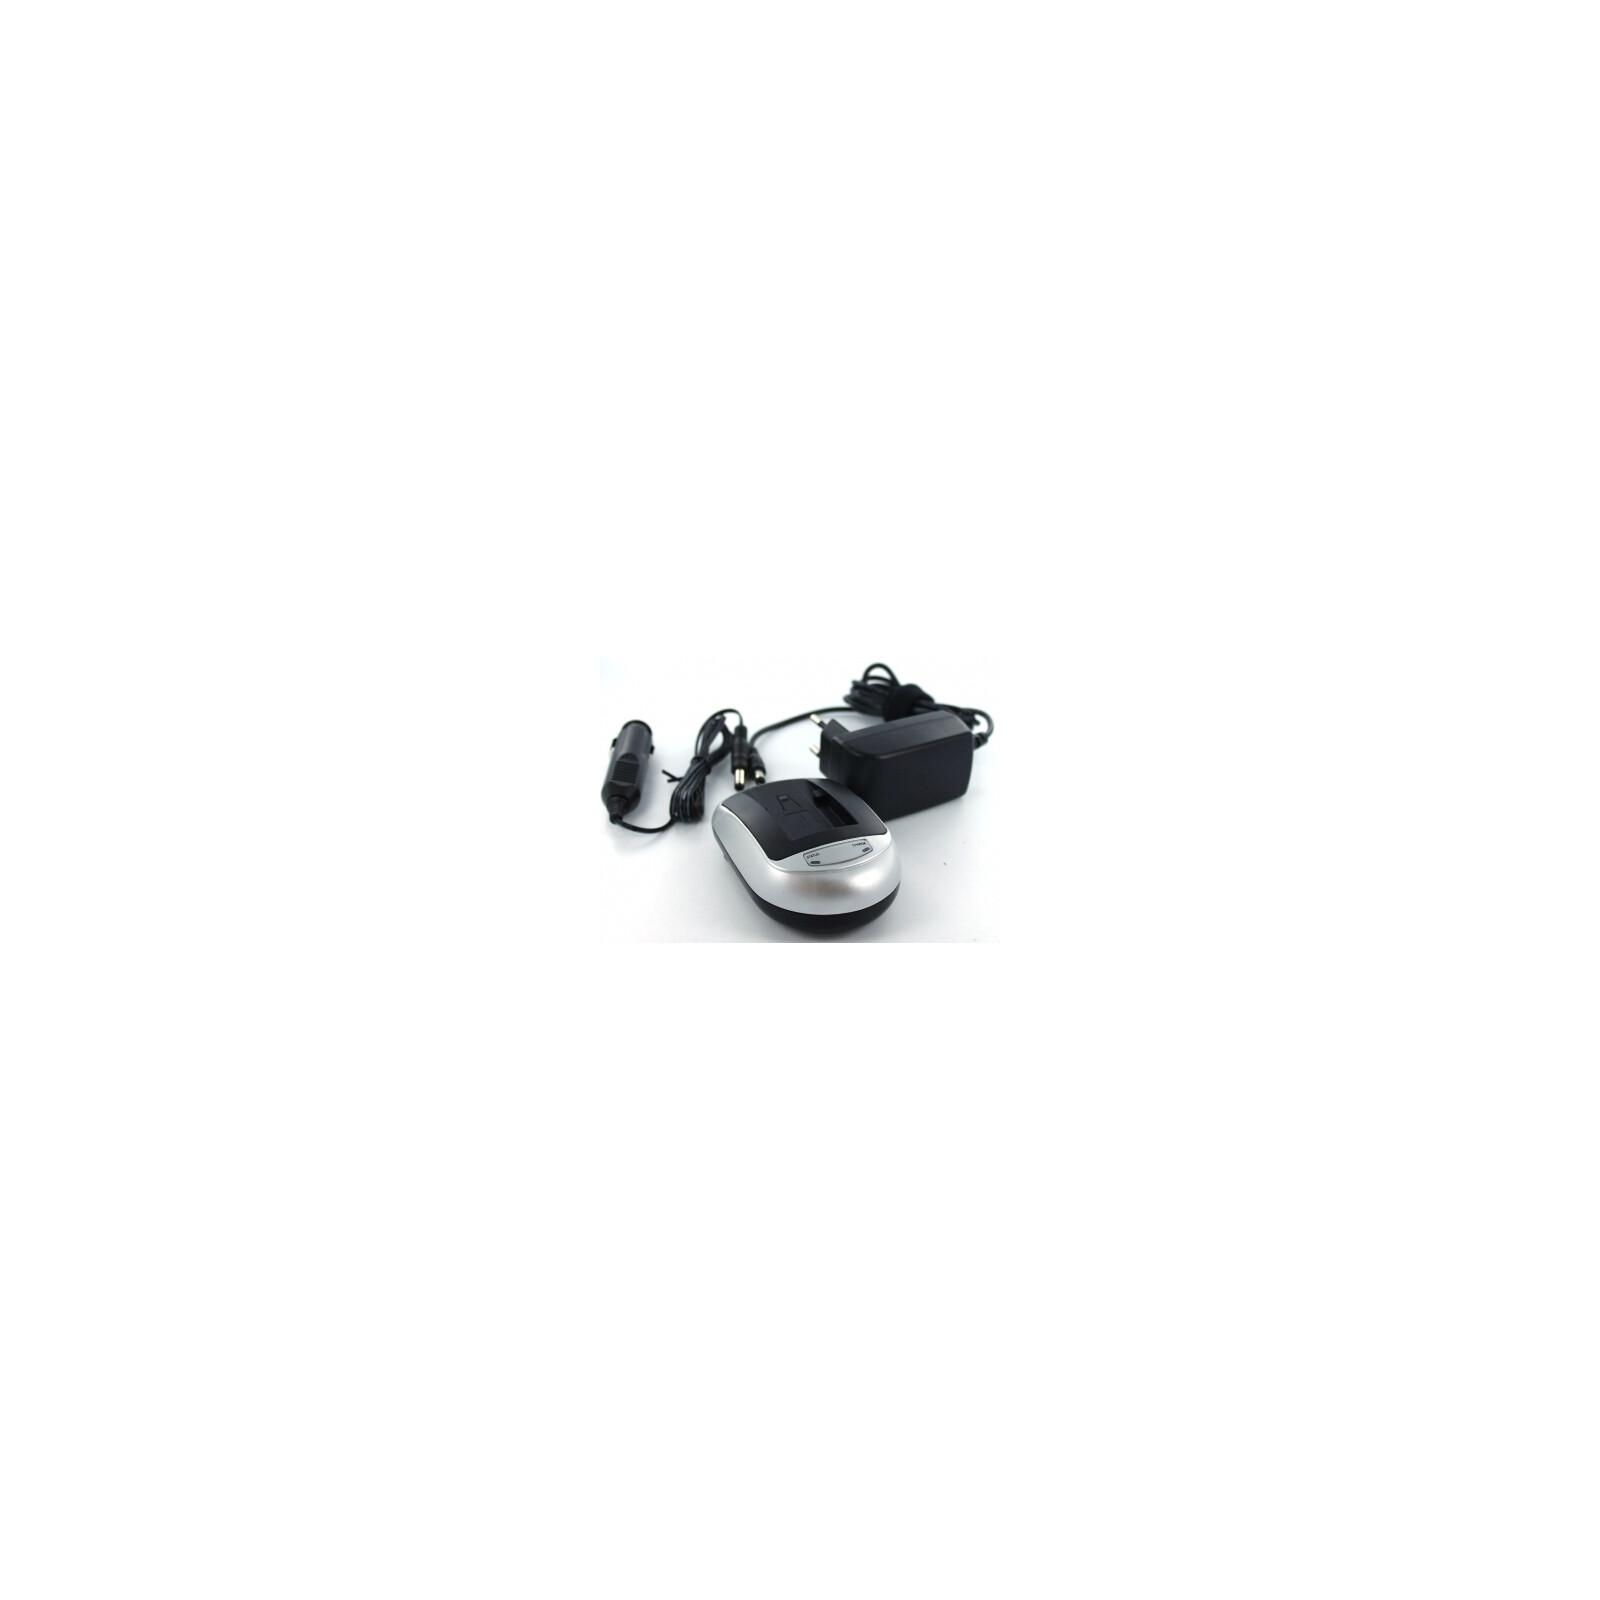 AGI 11255 Ladegerät Sony HDR-CX115E